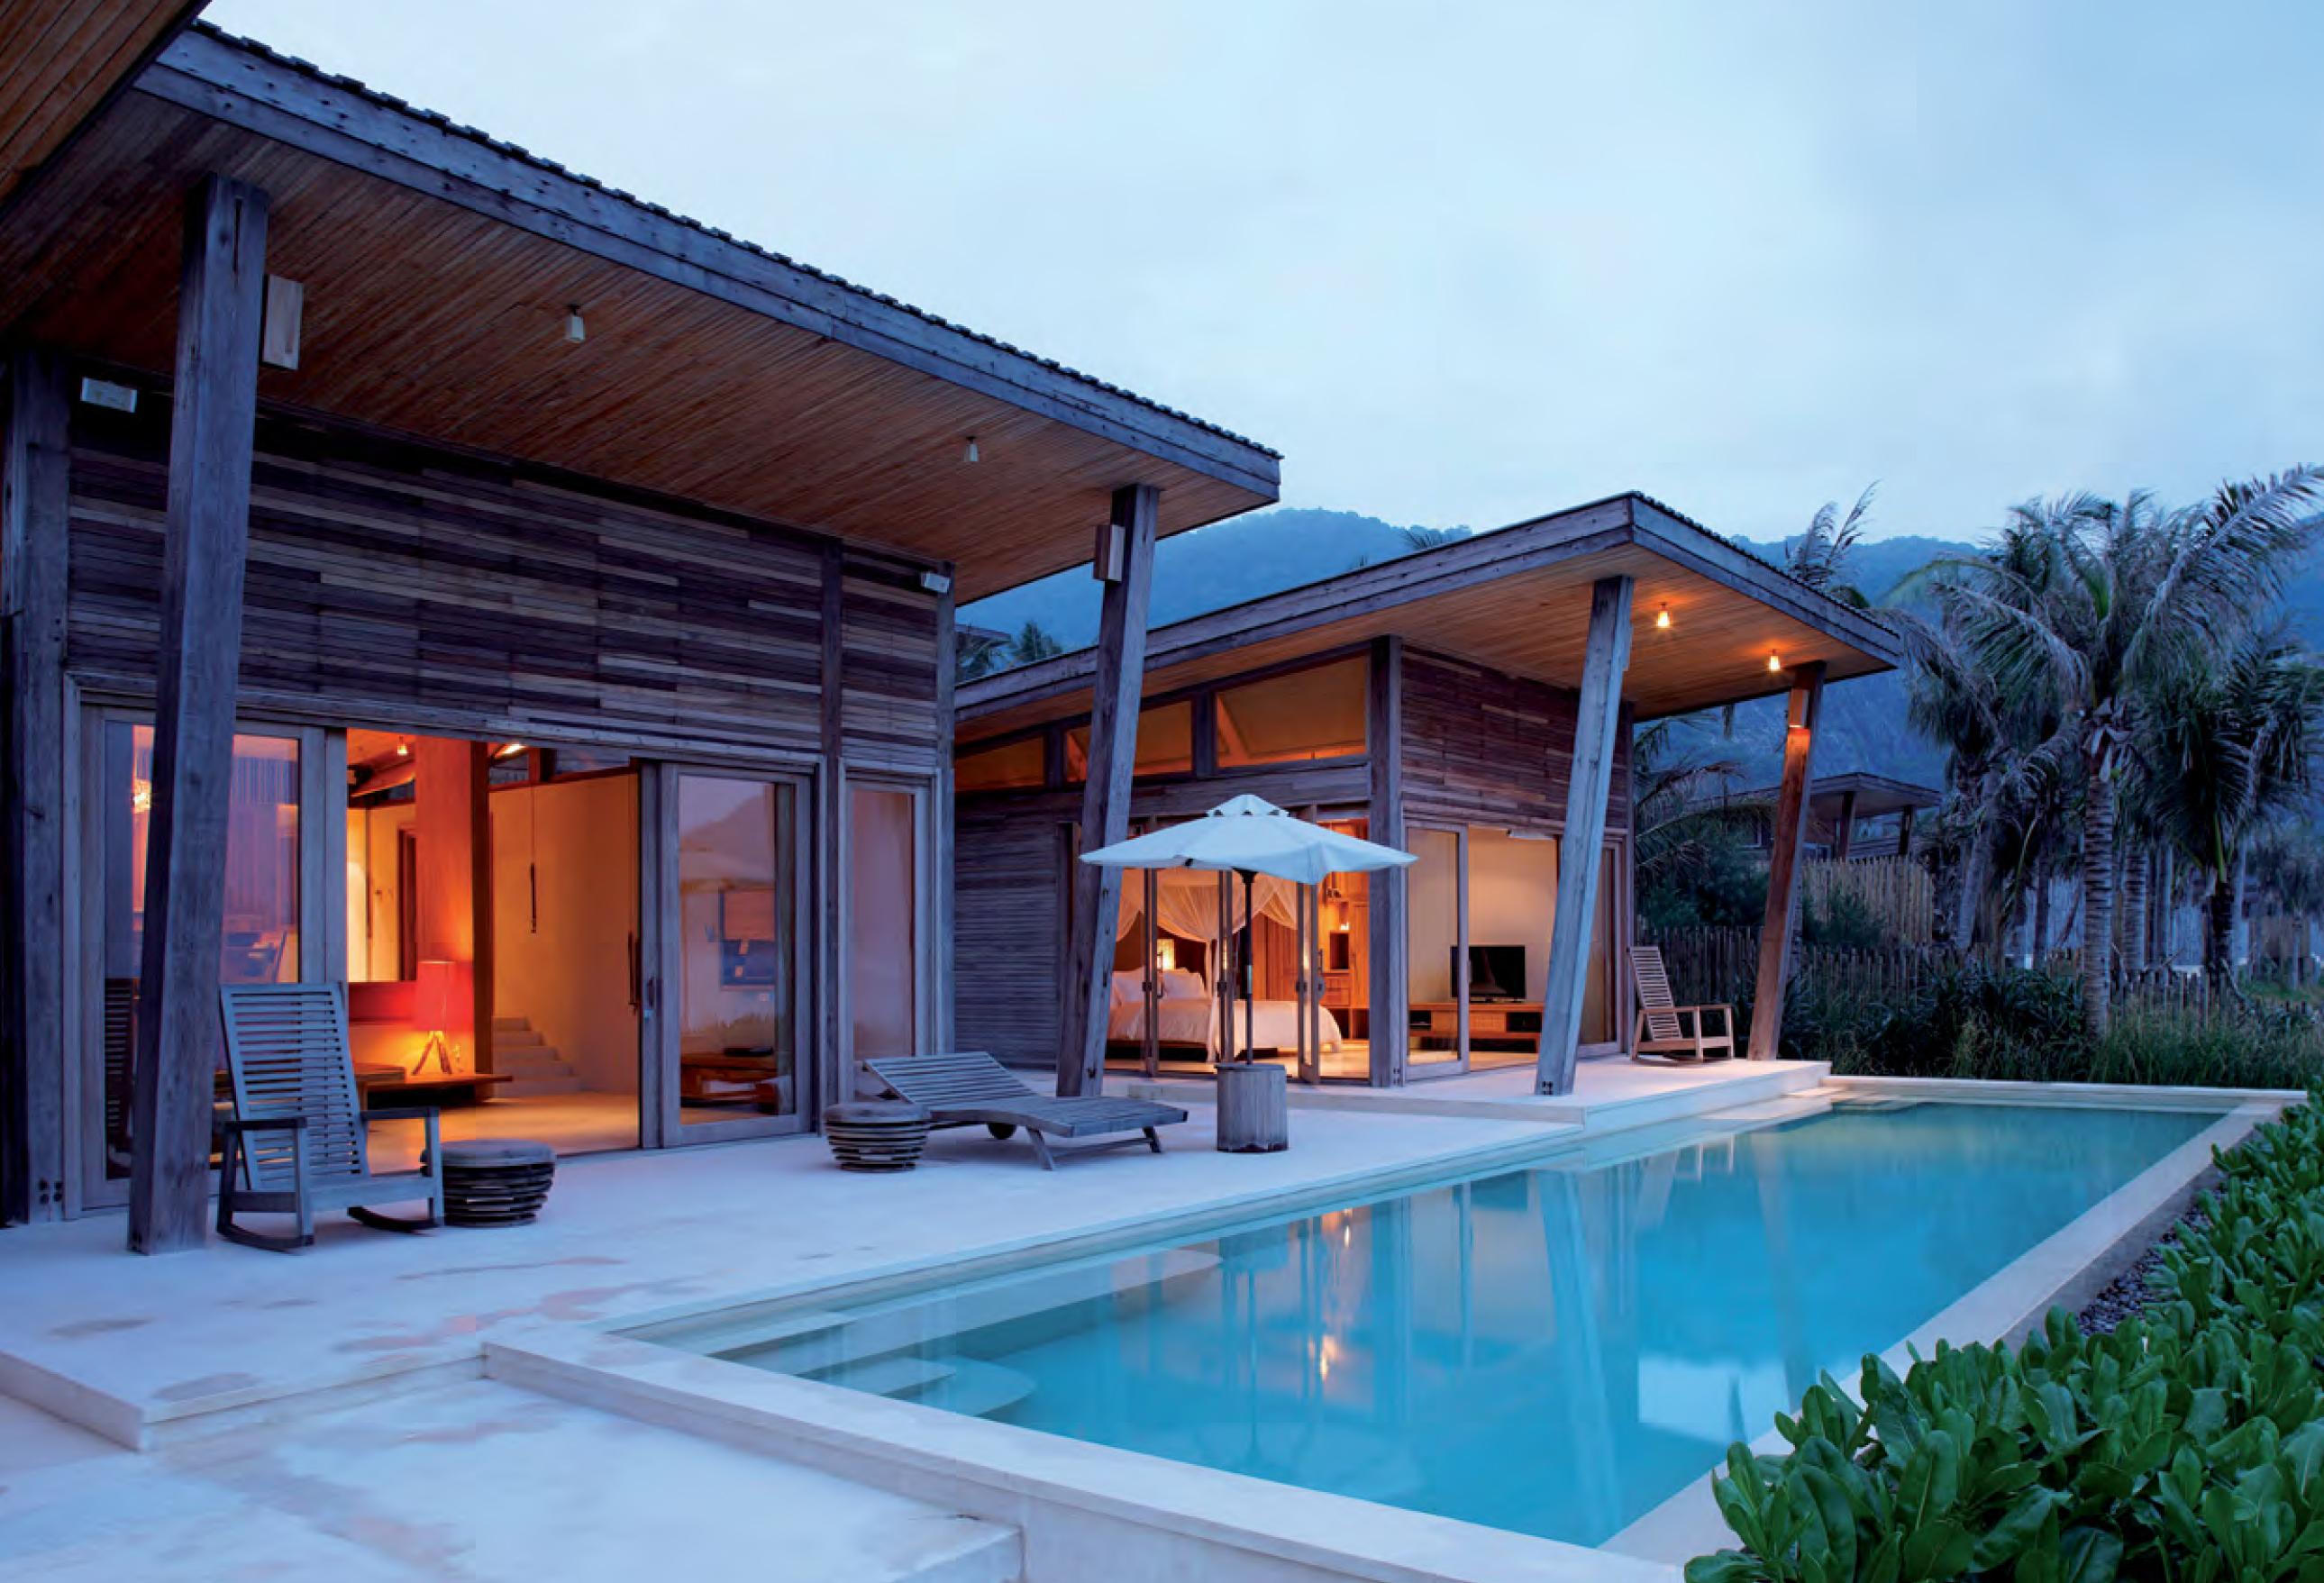 Terrasse et piscine d'une villa en bois